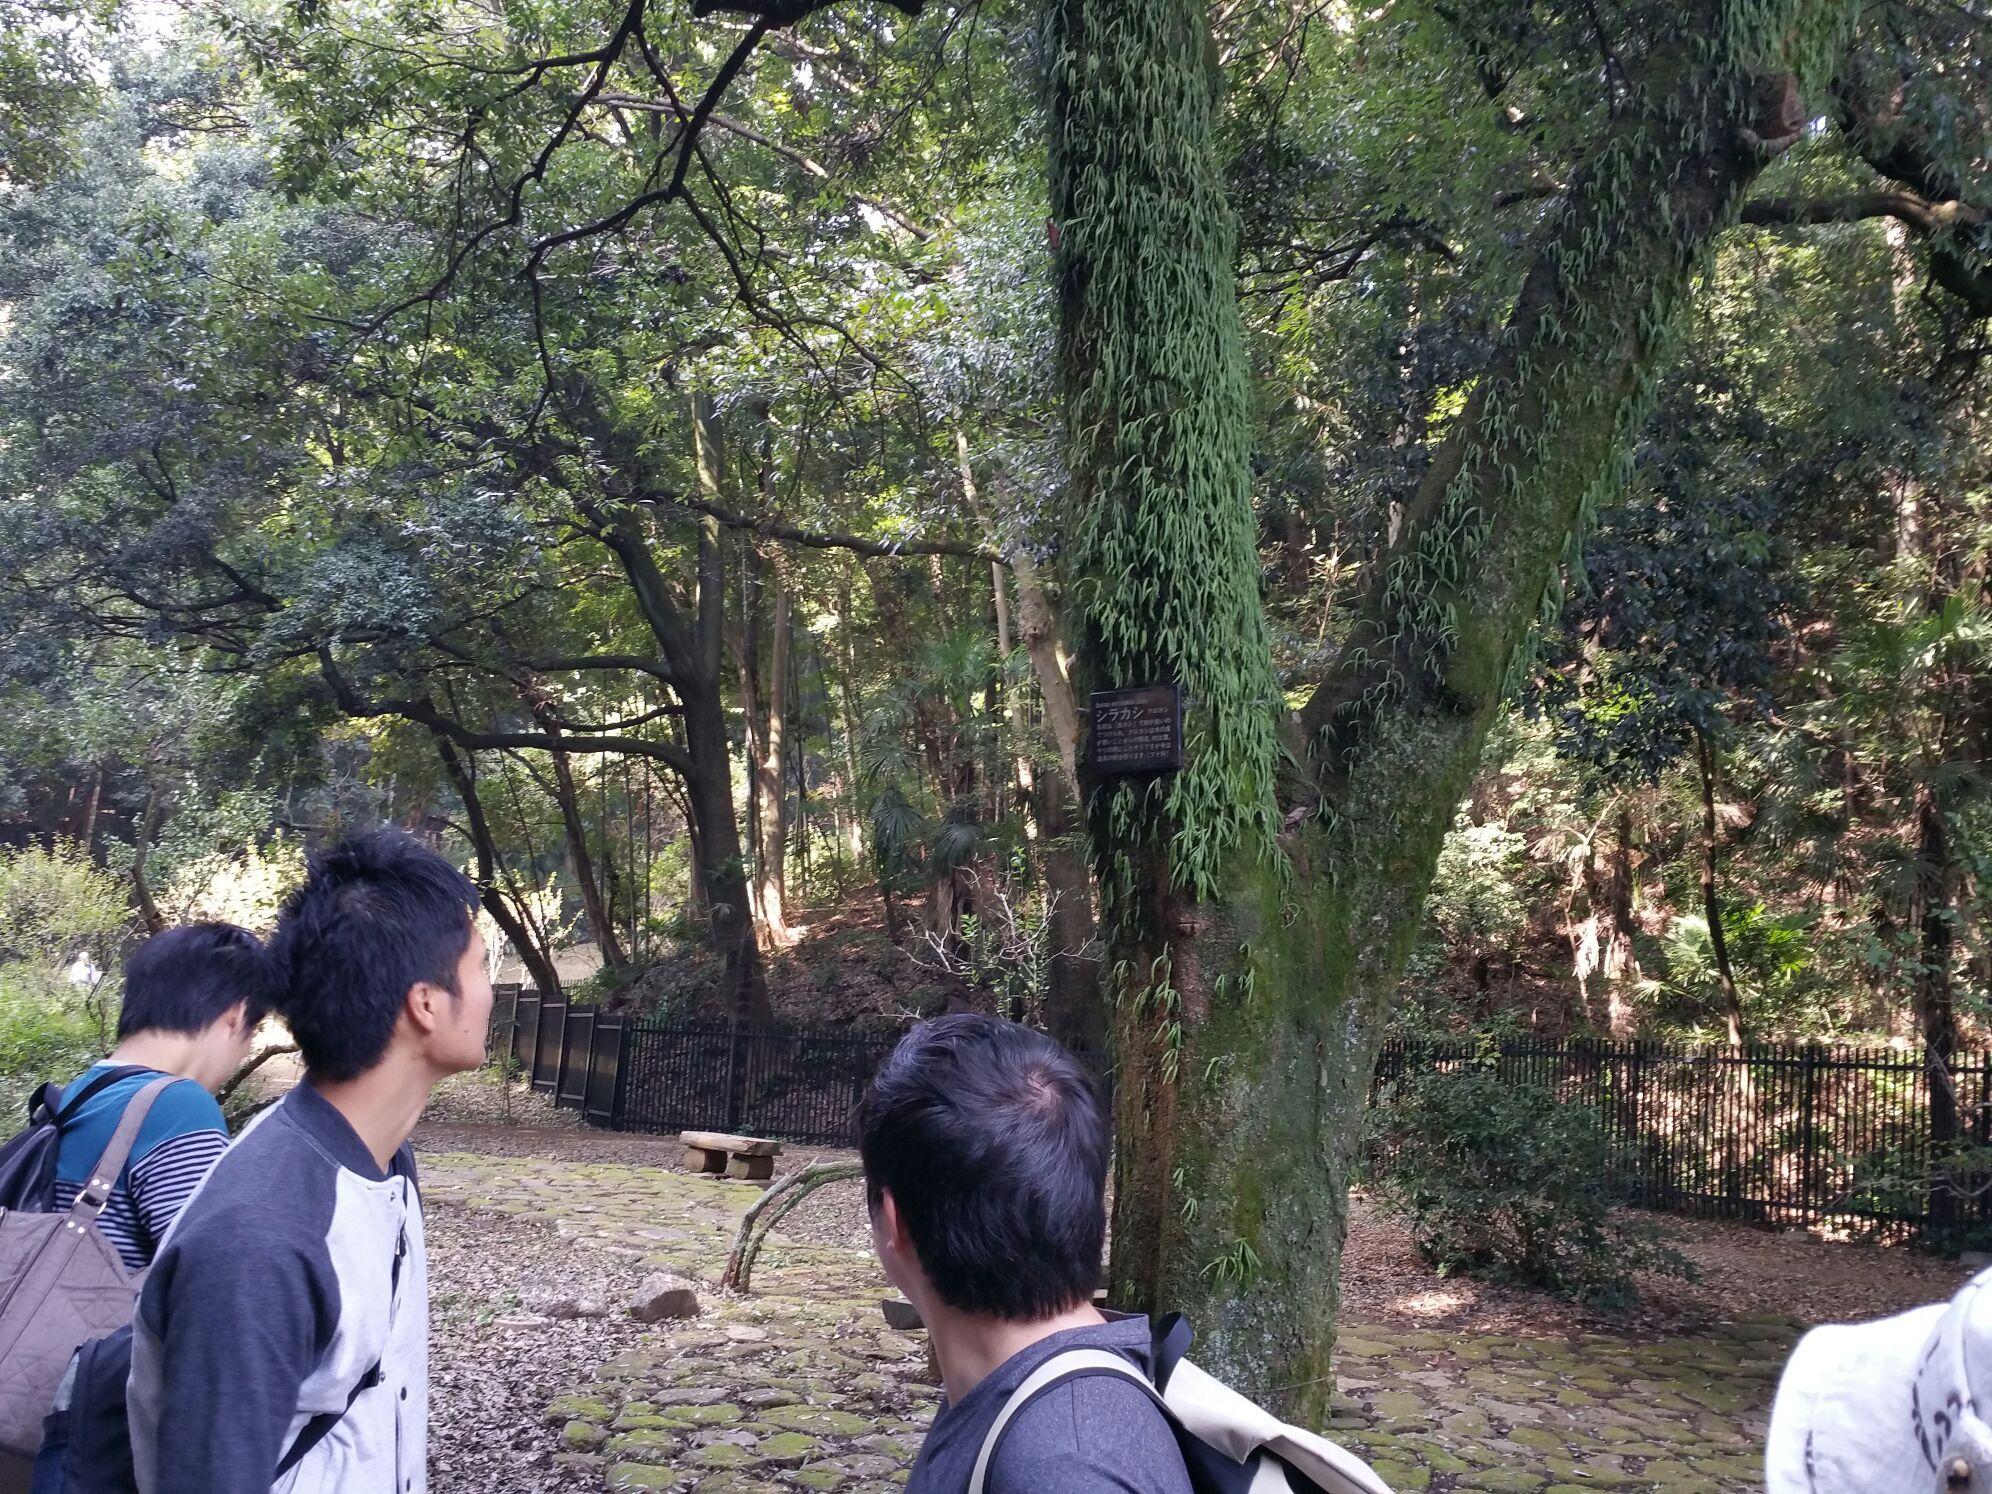 陽樹の林下でゆっくり育ち、陽樹に取って代わる機会を待っています。